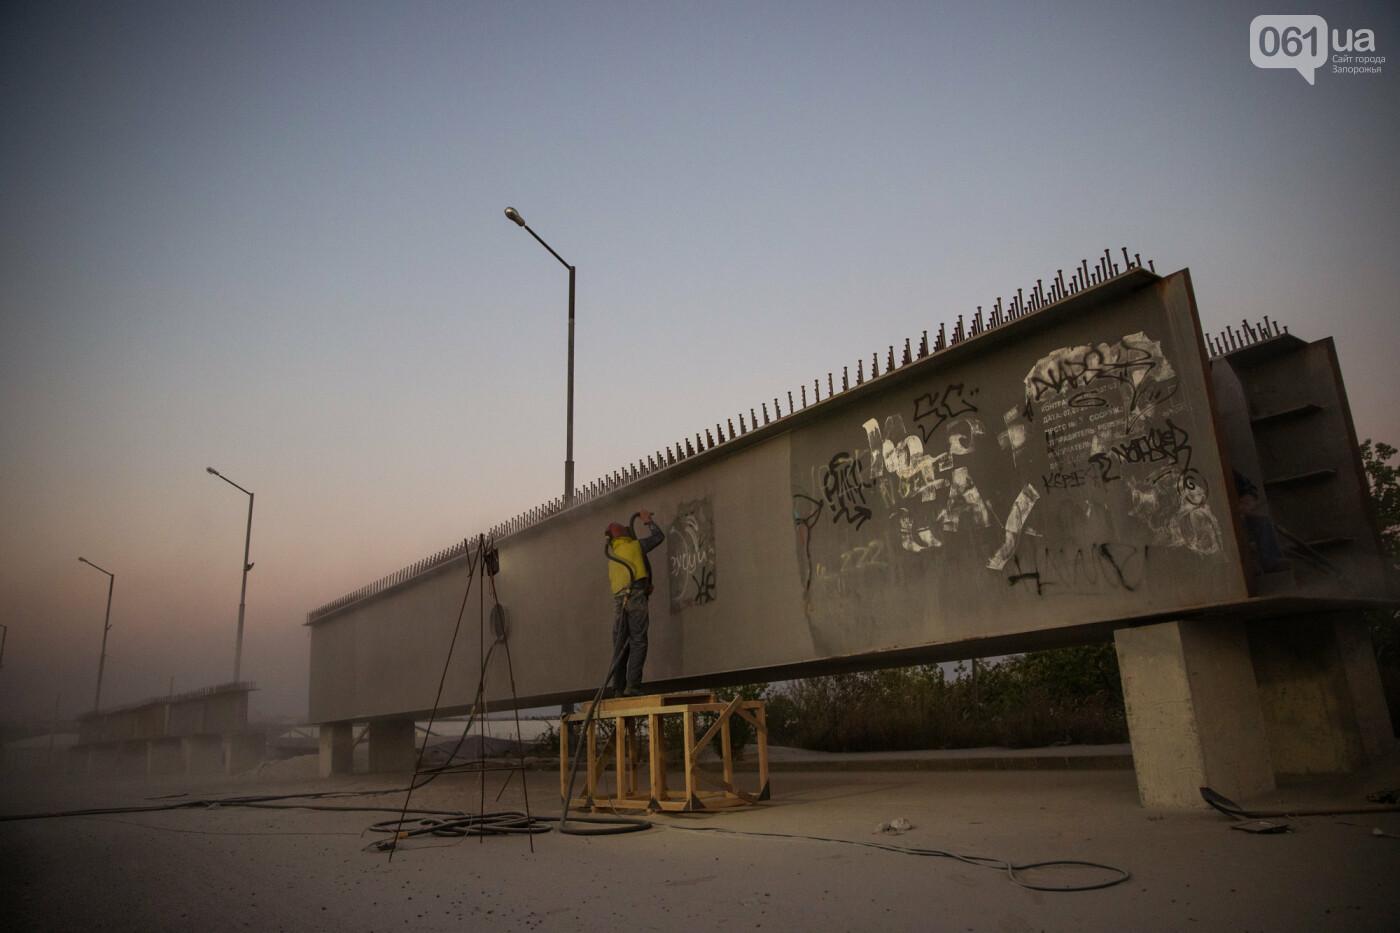 В Запорожье собирают балочный мост через Старый Днепр – строители работают даже ночью, - ФОТОРЕПОРТАЖ , фото-10